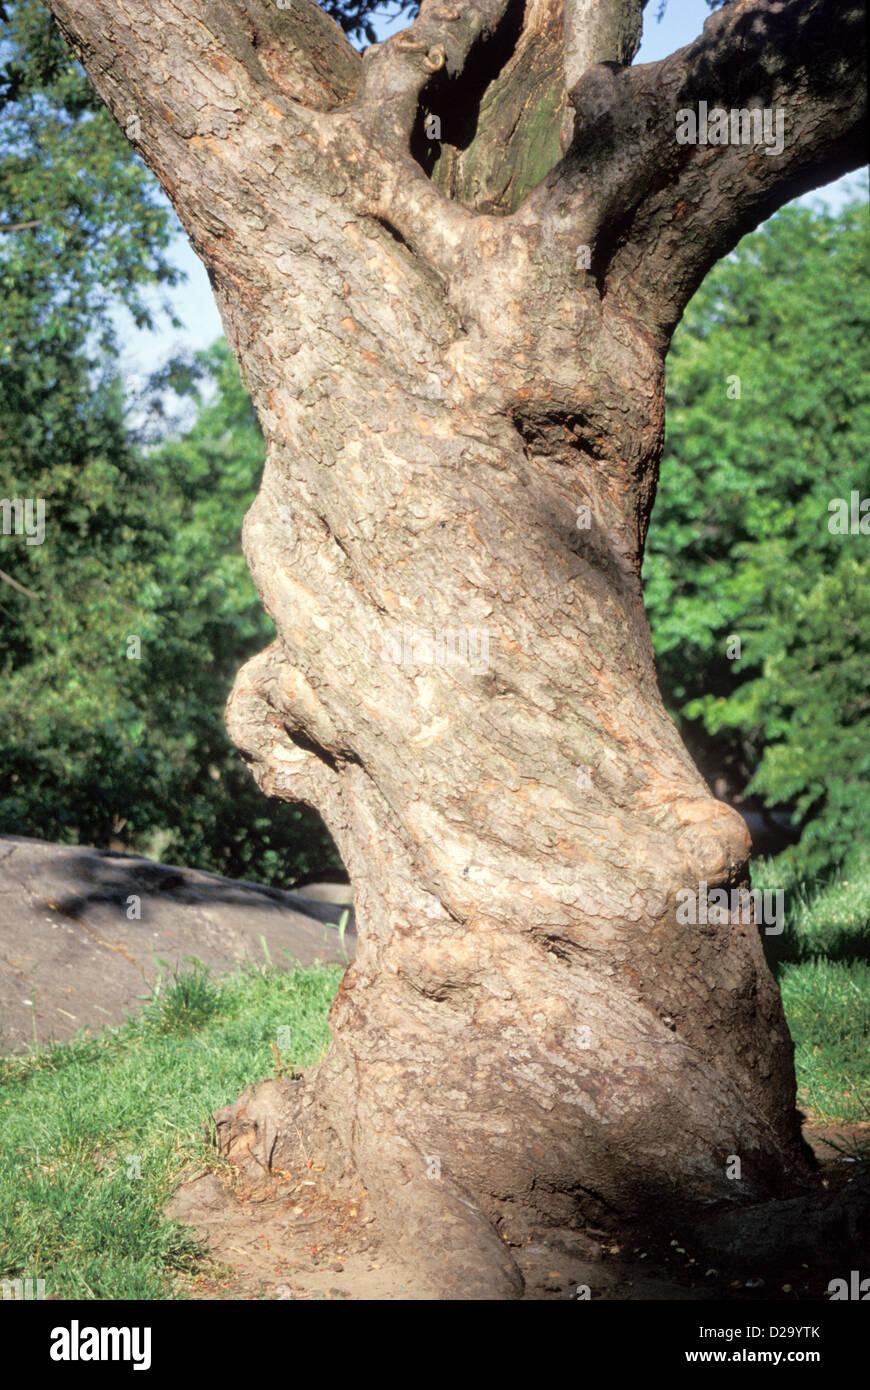 Albero con fusto ritorto, strozzatura orientale Cherry Immagini Stock